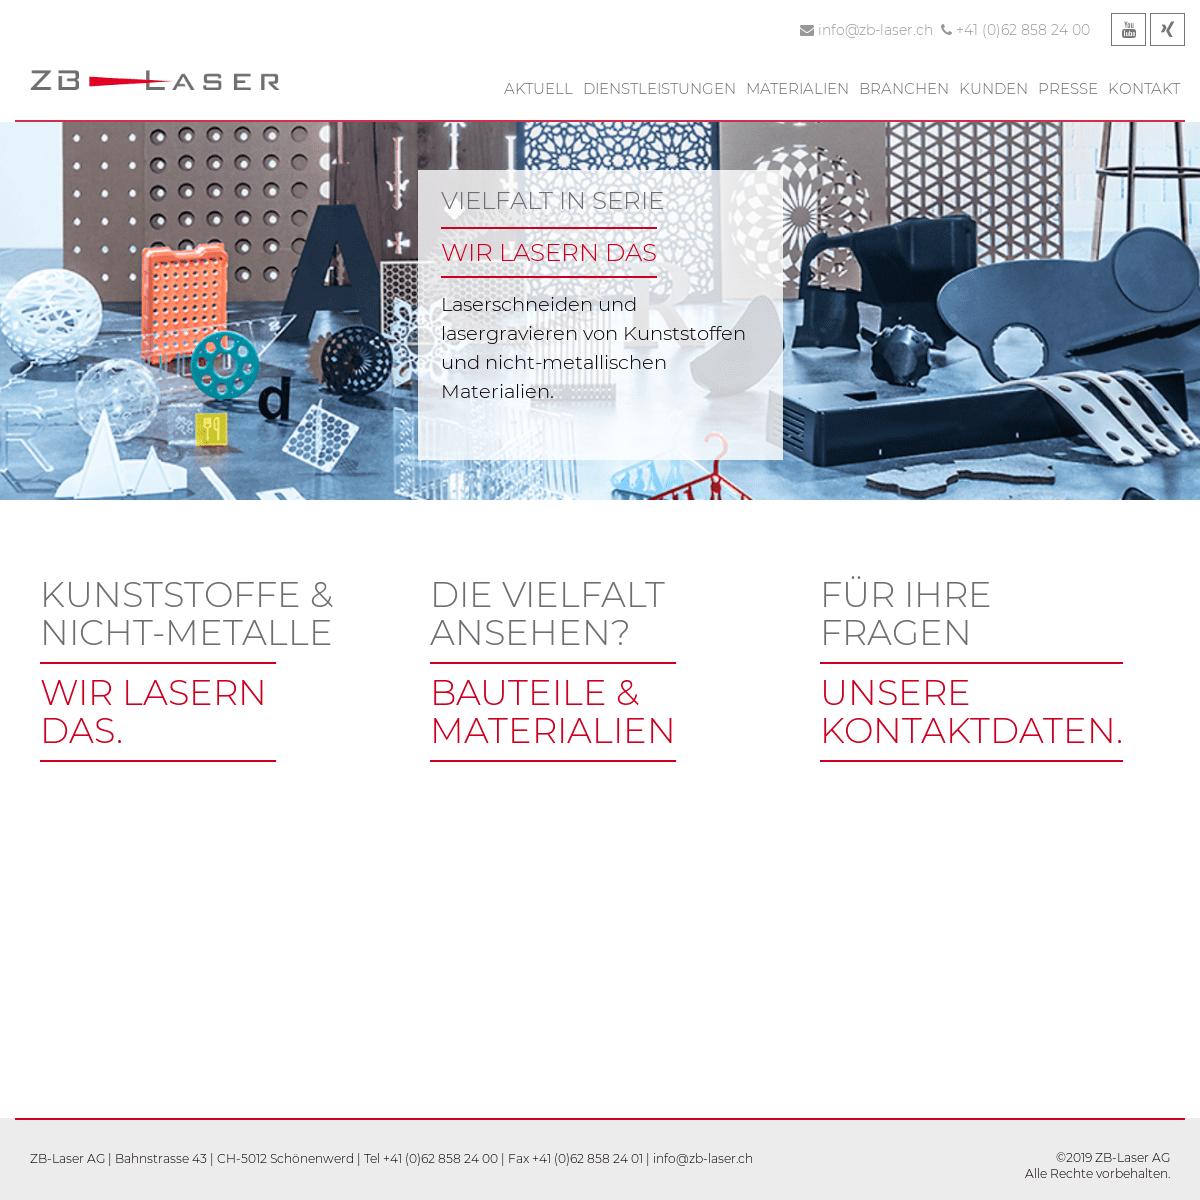 ArchiveBay.com - zb-laser.ch - ZB-Laser AG - Laserschneiden von Kunststoffen und nicht-metallischen Materialien